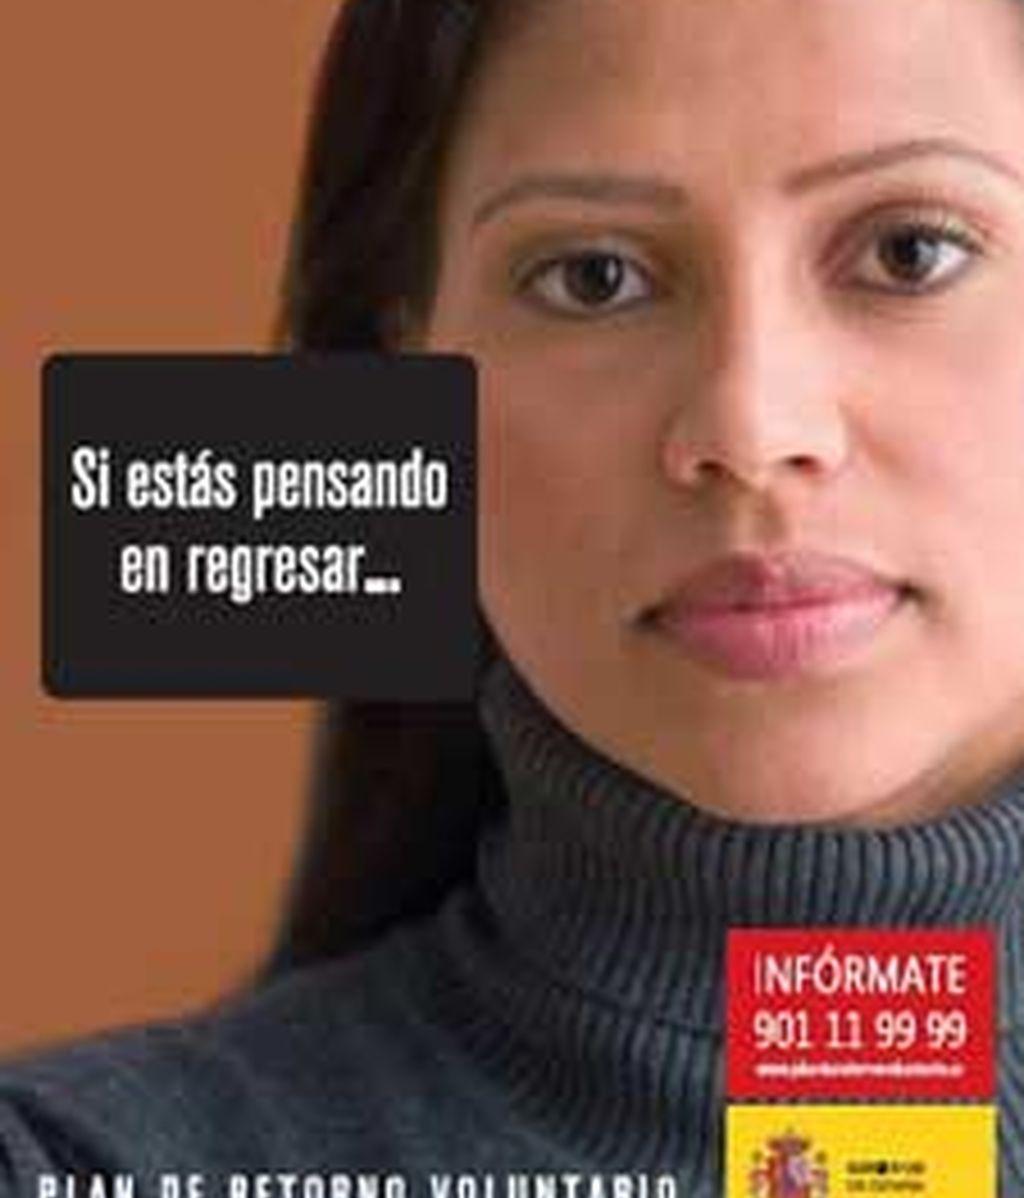 Uno de los carteles publicitarios del Plan de Retorno VOluntario del Gobierno. Foto: www.planderetornovoluntario.es